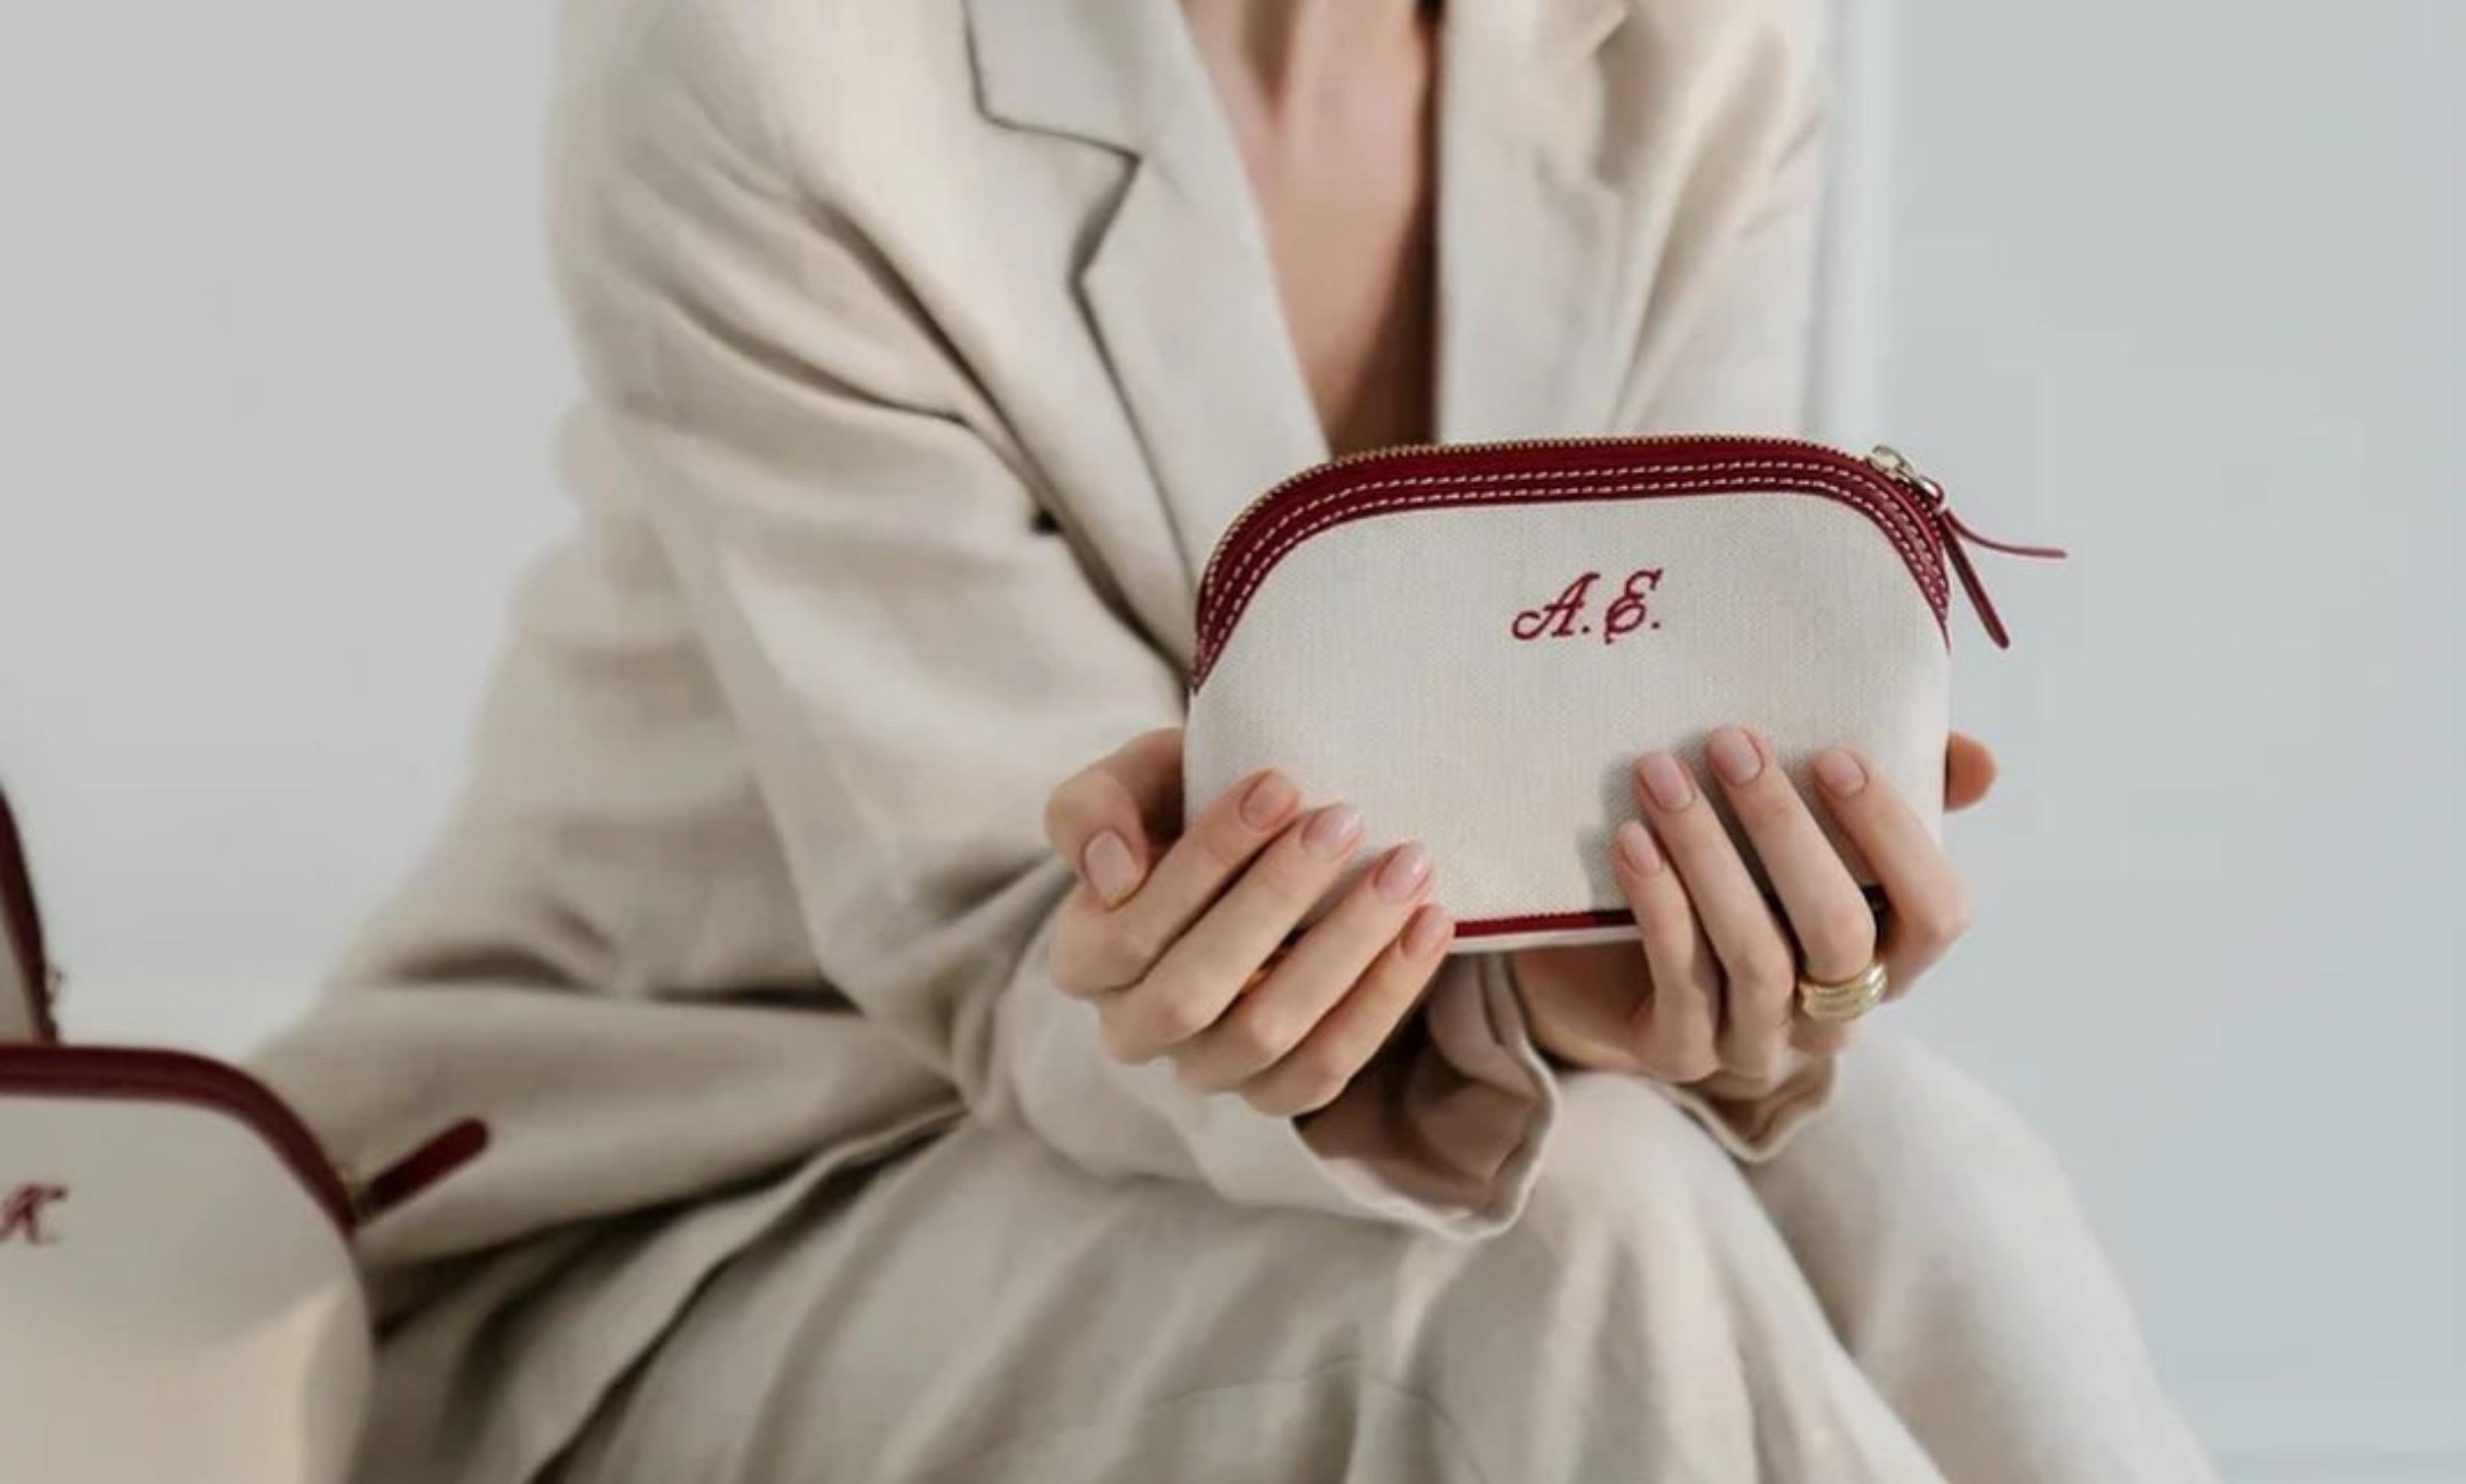 От косметички до багажной сумки: в Екатеринбурге появился бренд эстетичных тревел-сетов